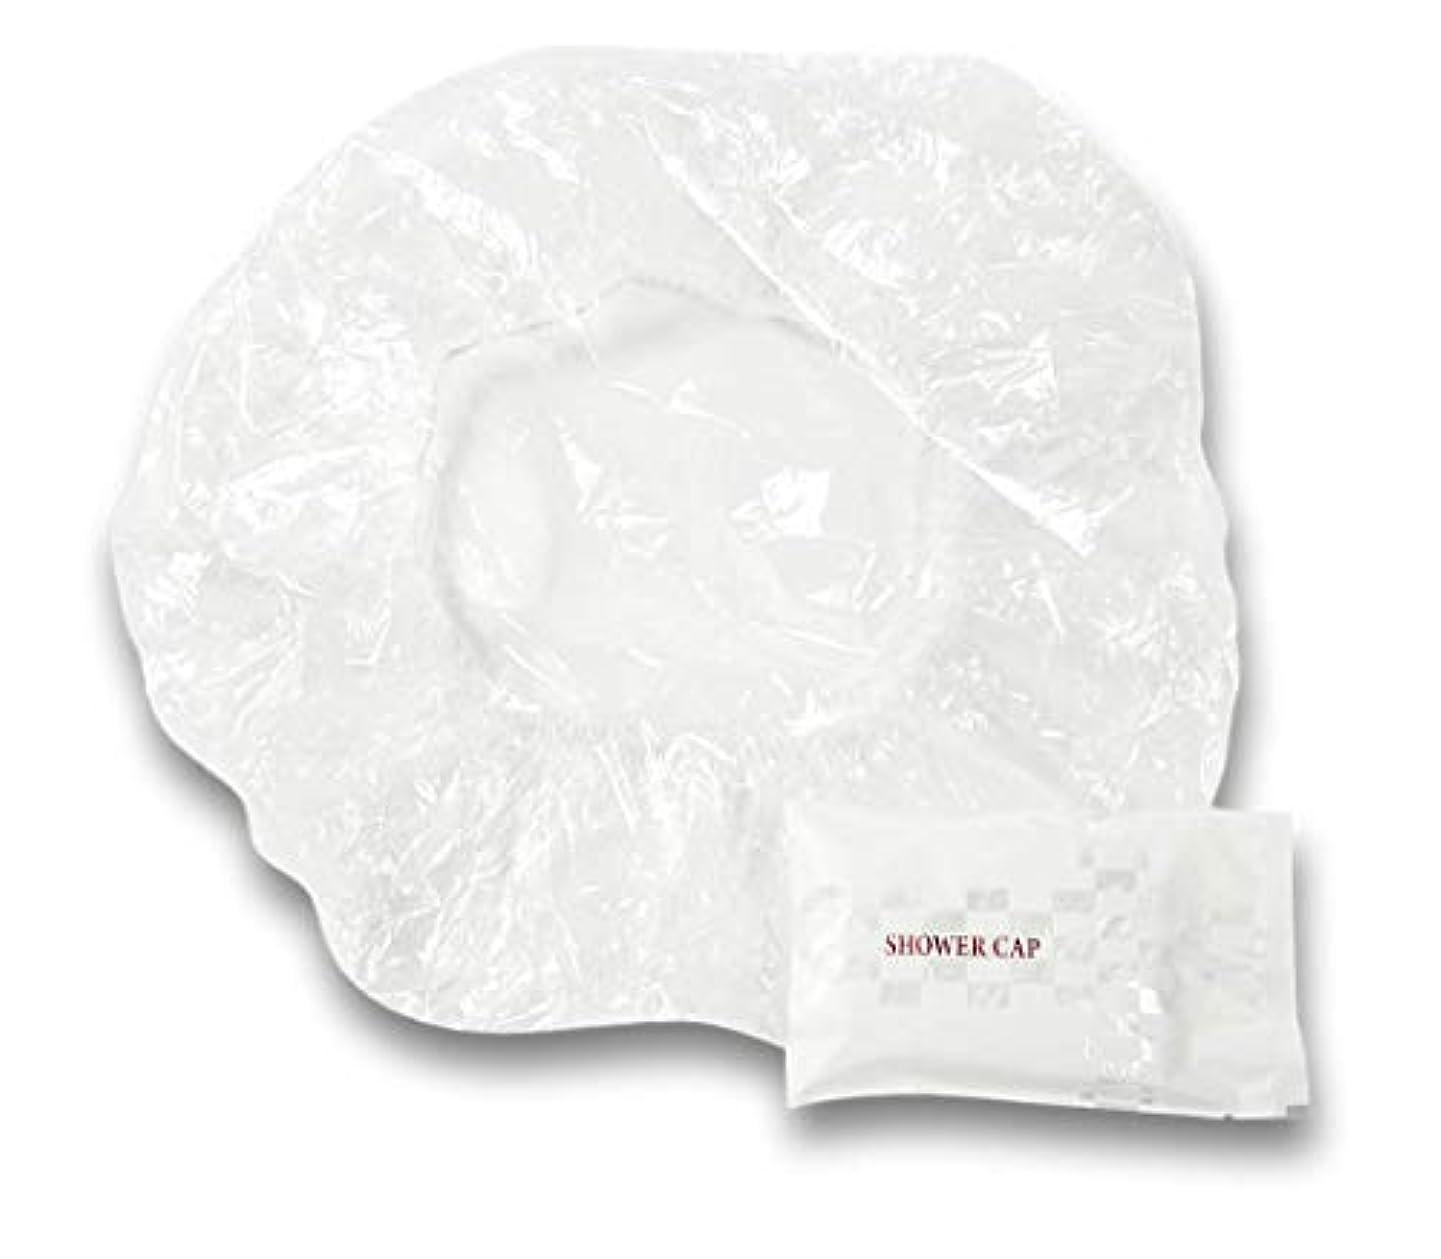 方法論リードメーカーラティス シャワーキャップ 業務用 個別包装100入り 使い捨てキャップ